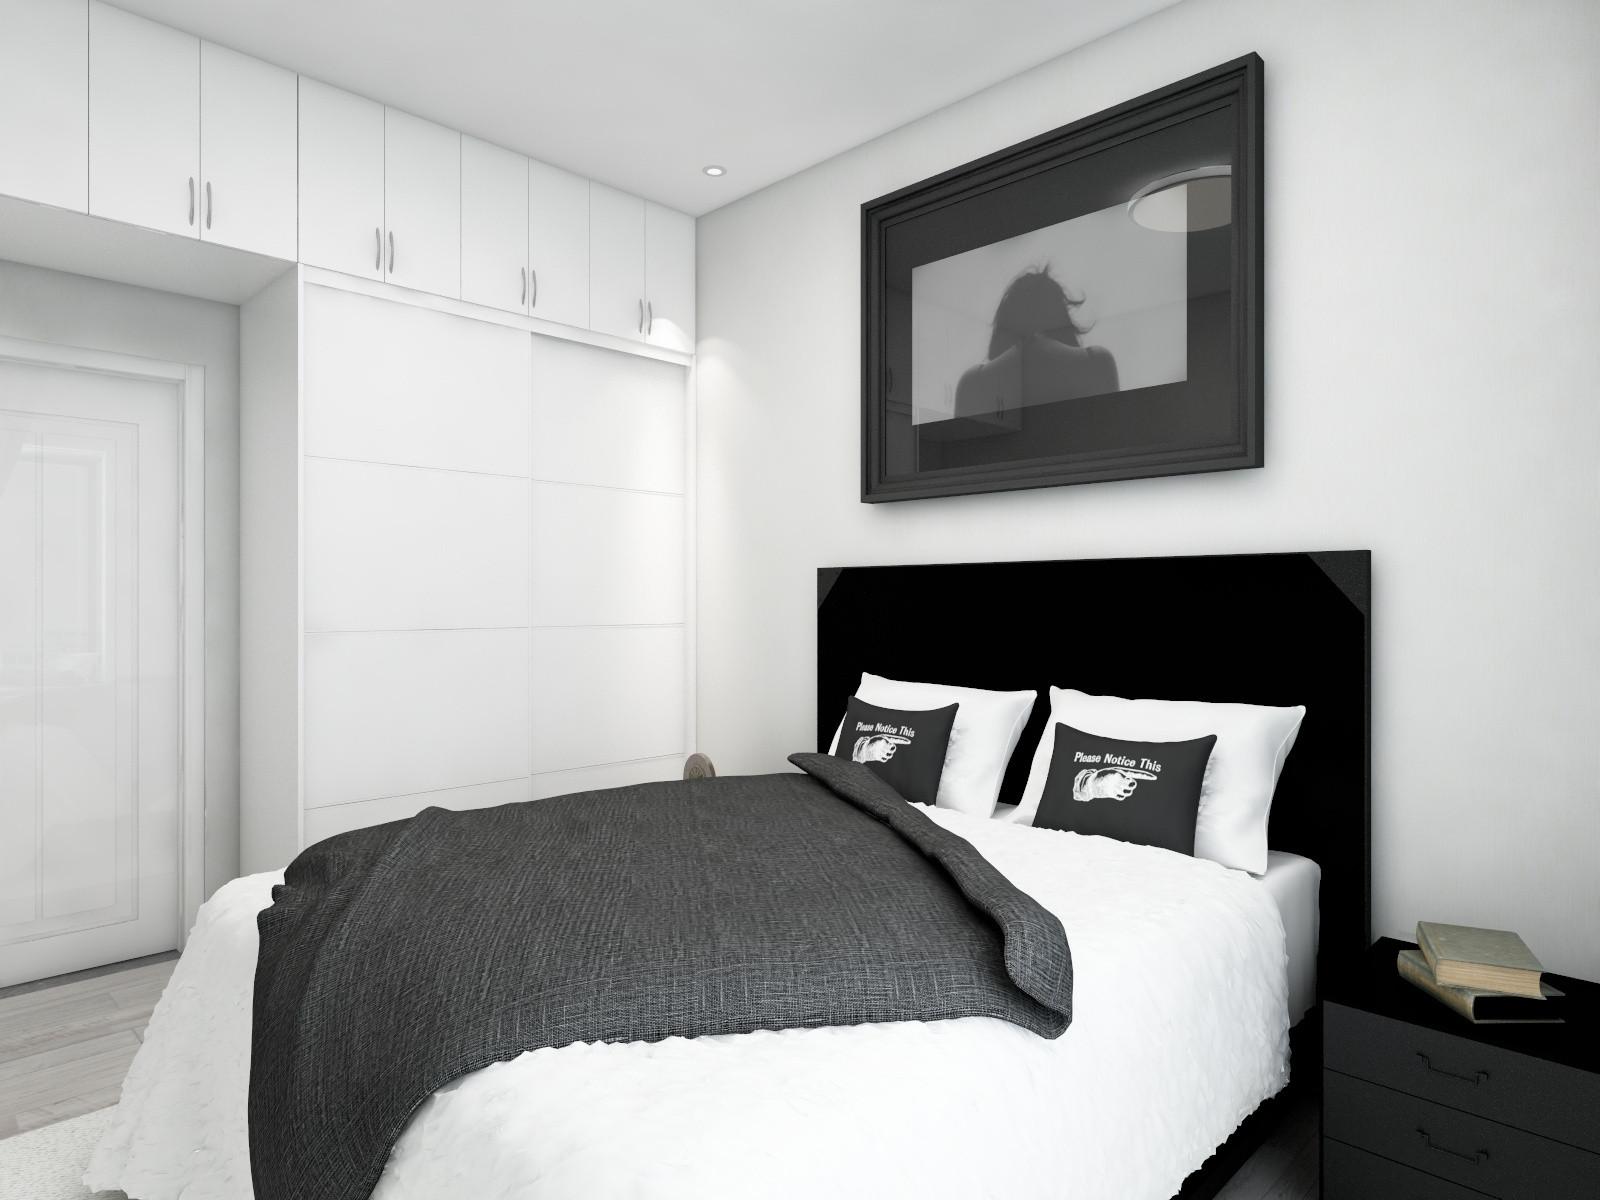 110㎡极简黑白灰装修卧室效果图